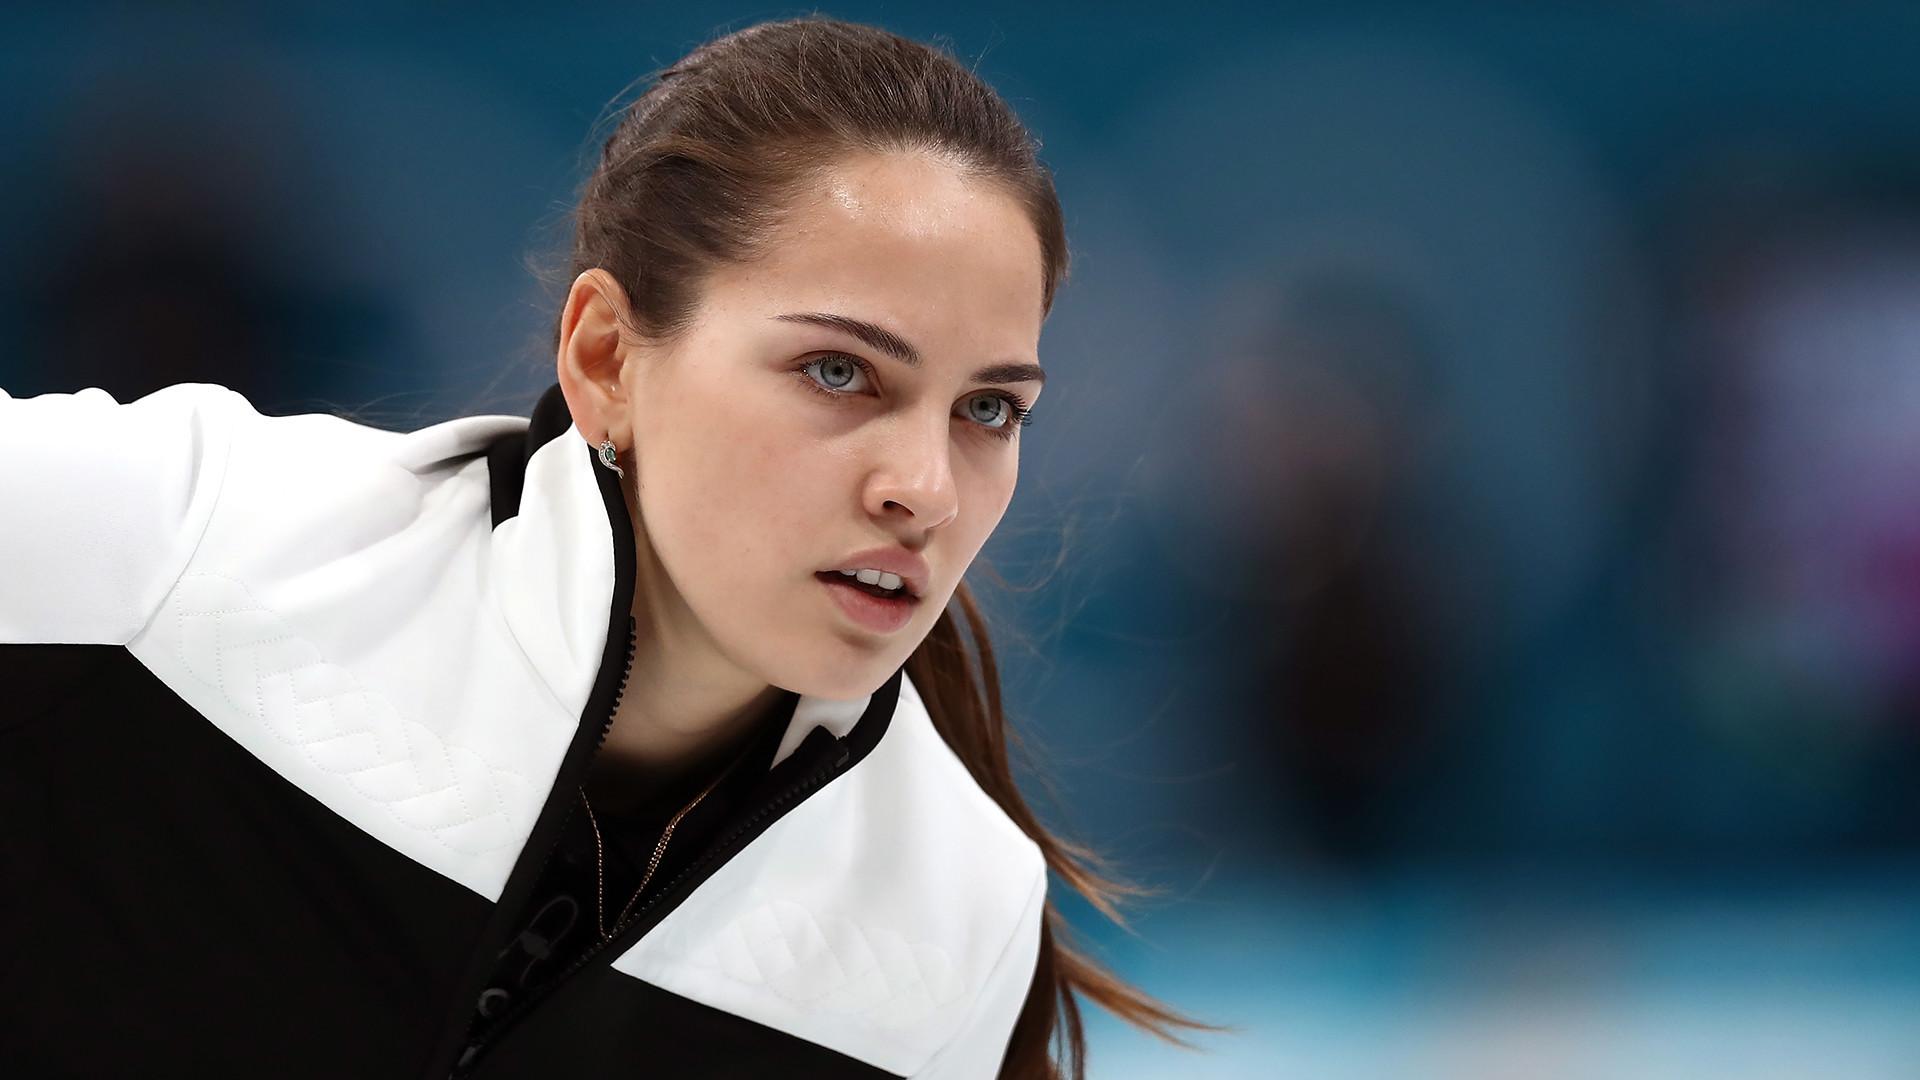 Brizgalova atua em dupla com o marido, Aleksandr Kruchelnitcki